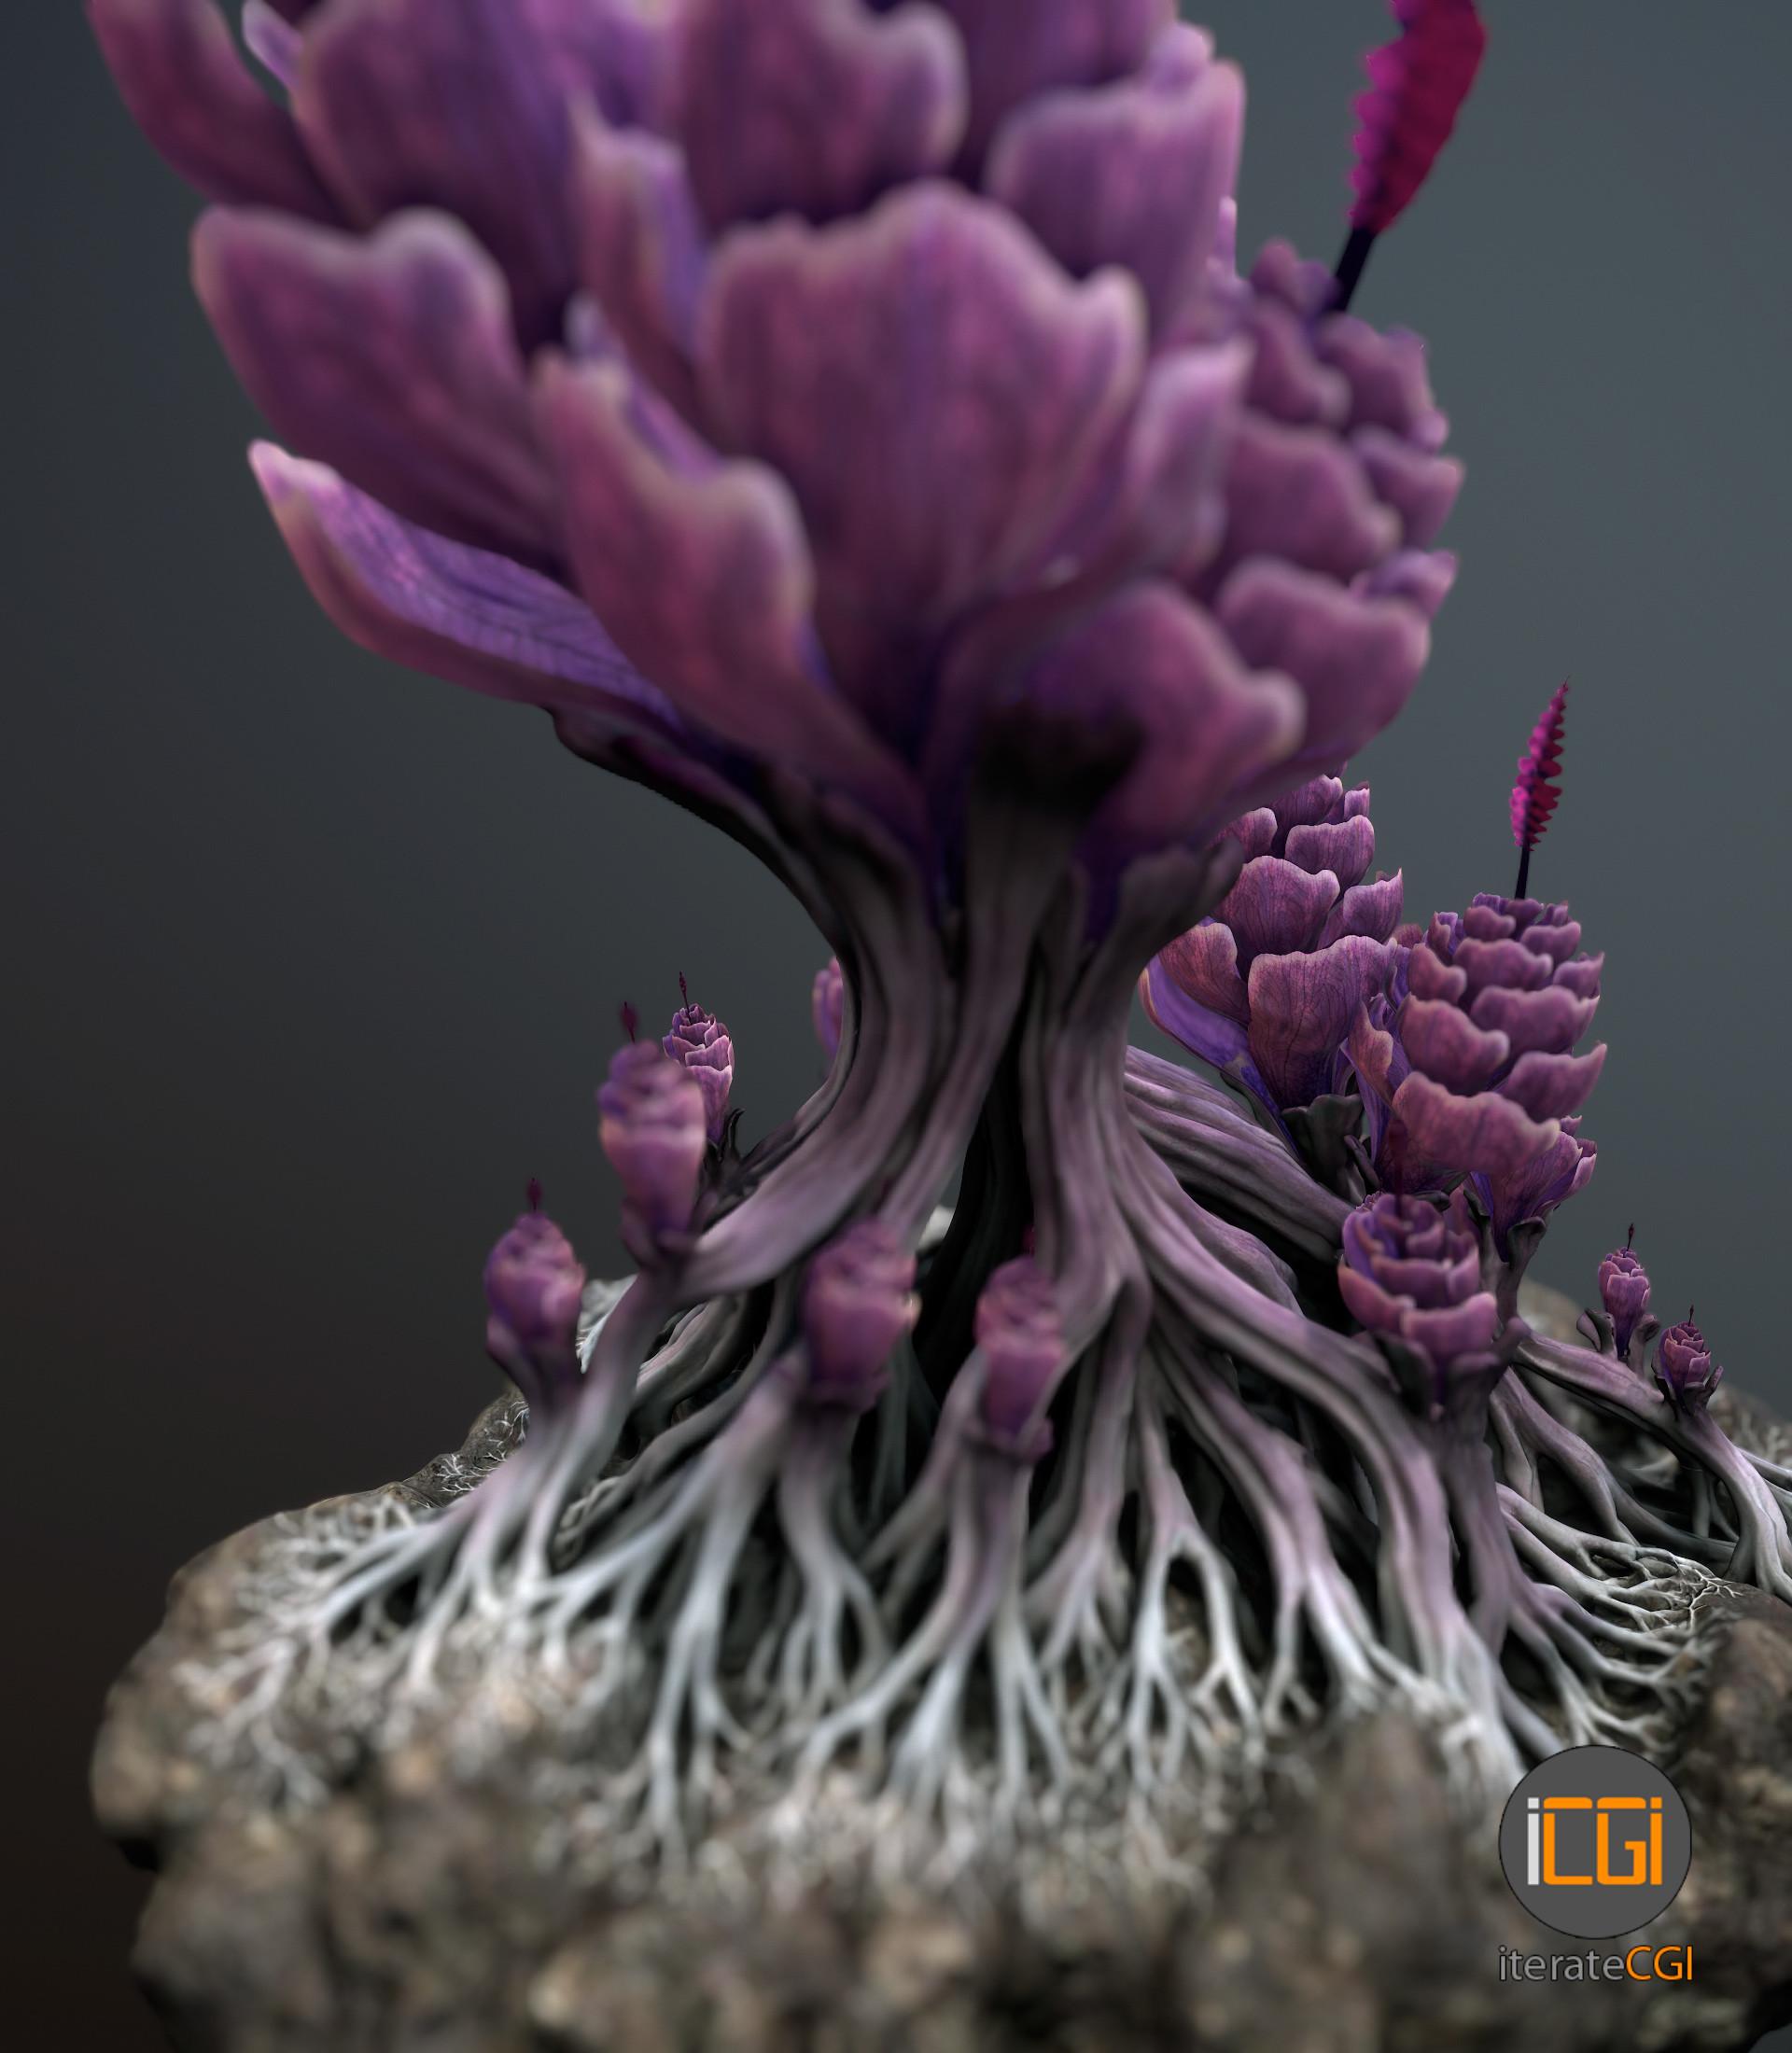 Johan de leenheer alien plantch8